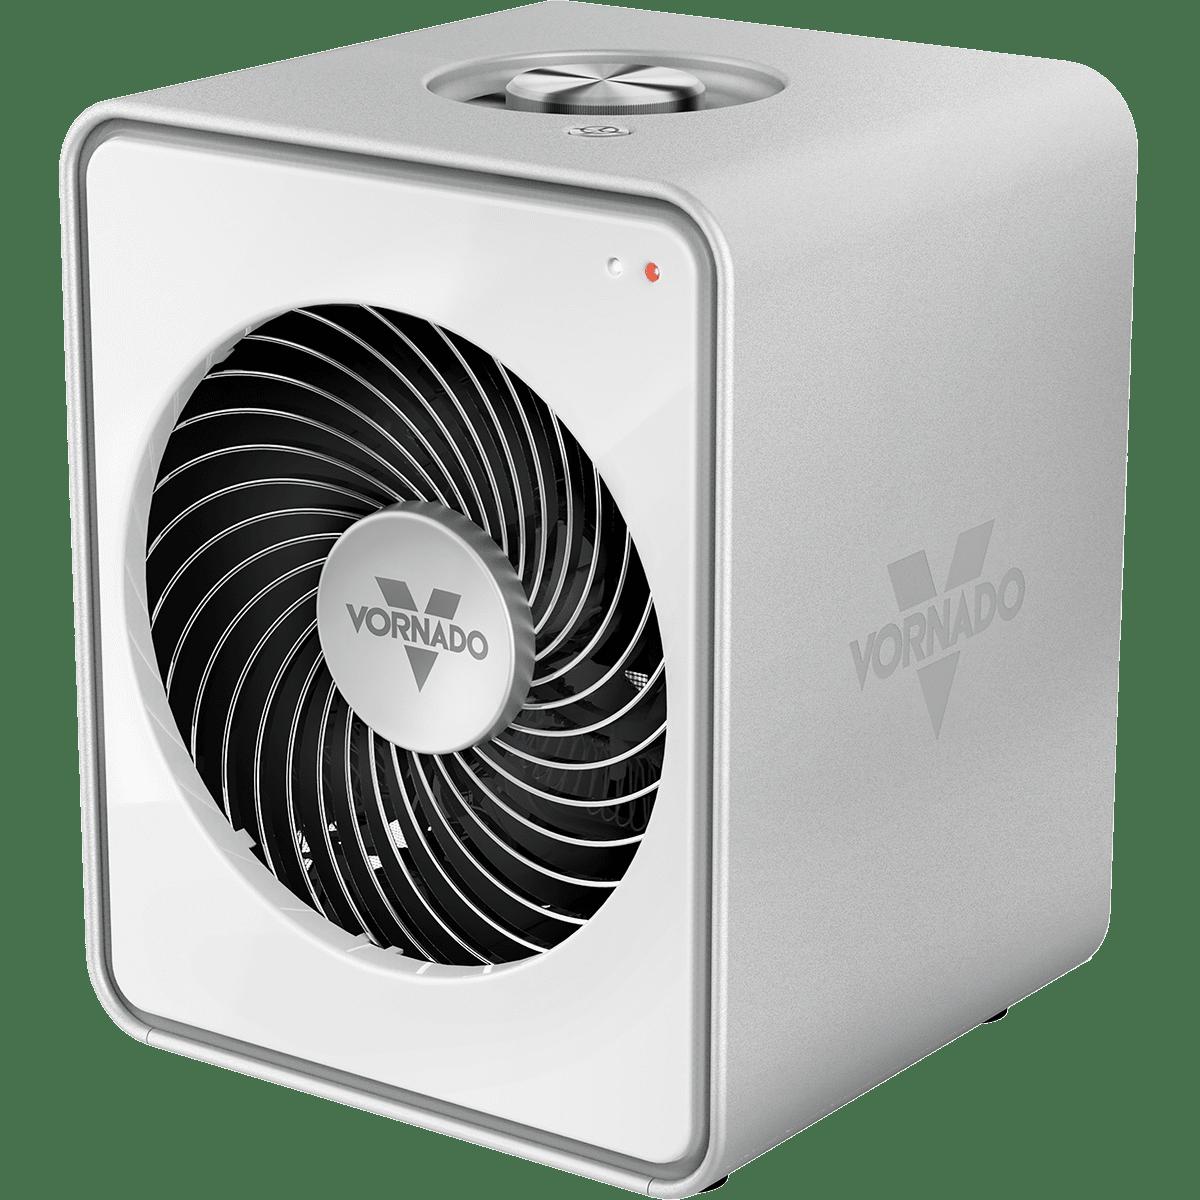 Vornado Personal Metal Heater Sylvane